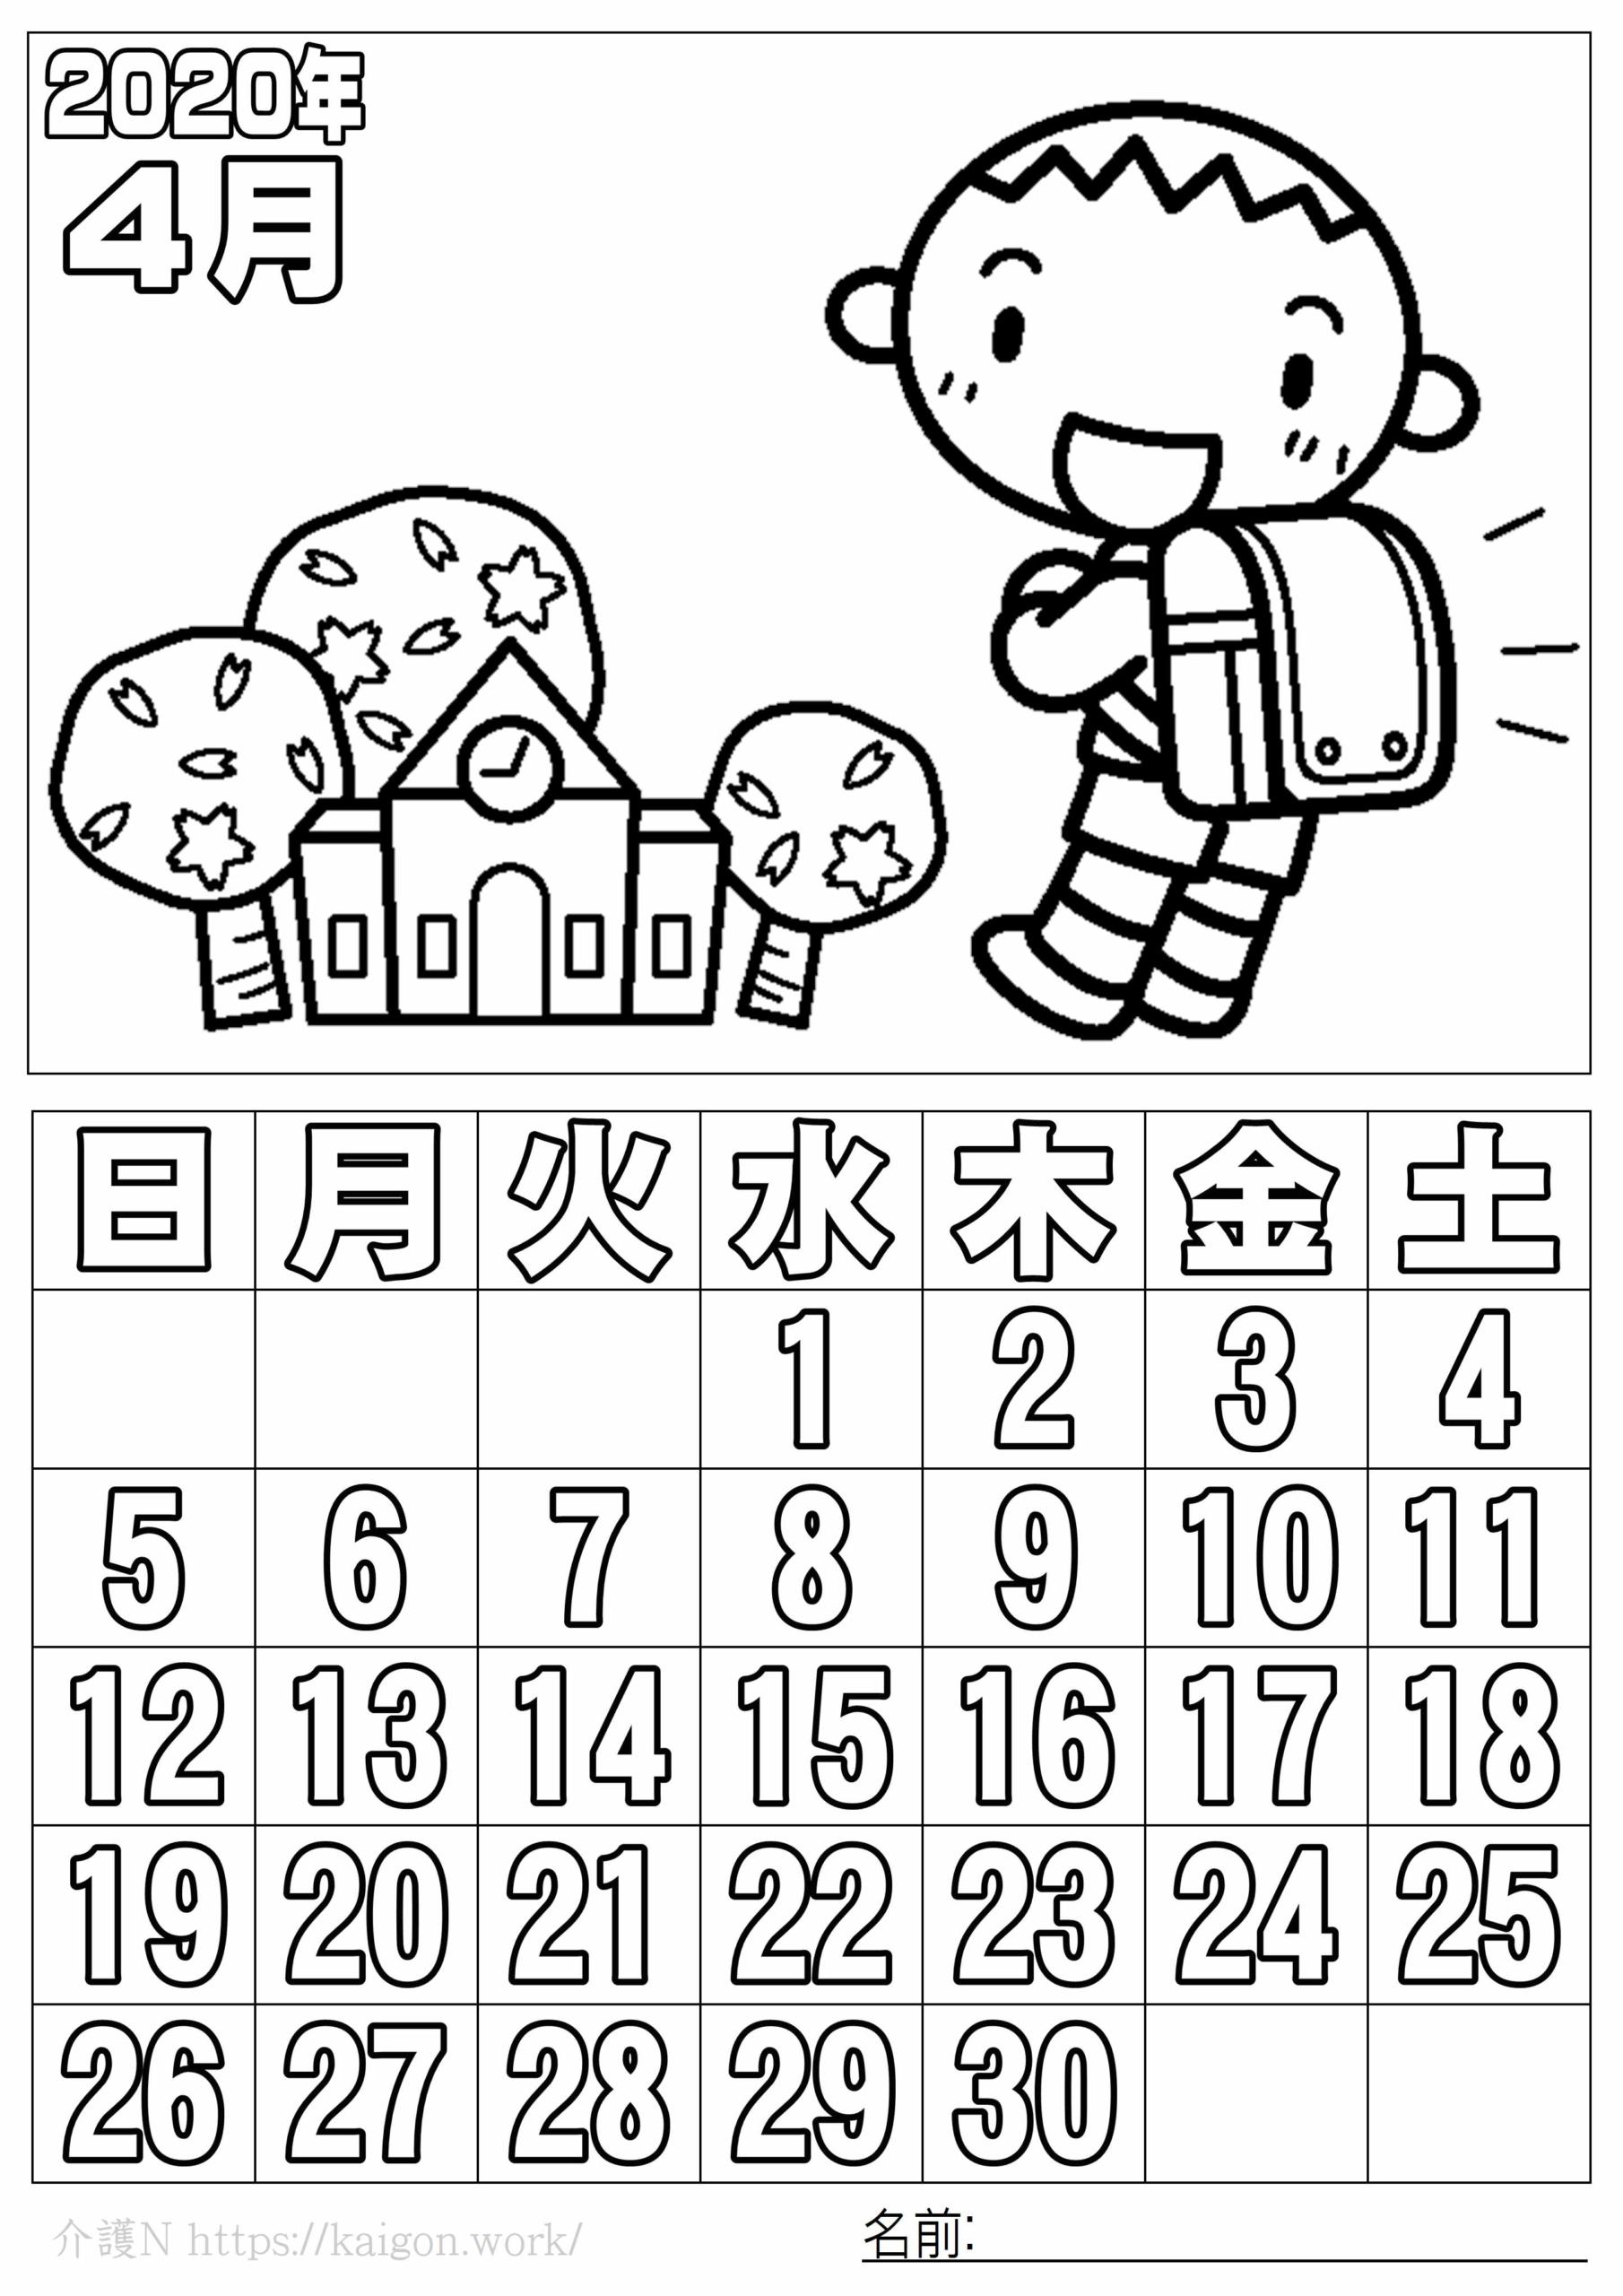 ぬり絵カレンダー年まとめ 無料 介護n 認知症予防に脳トレ素材